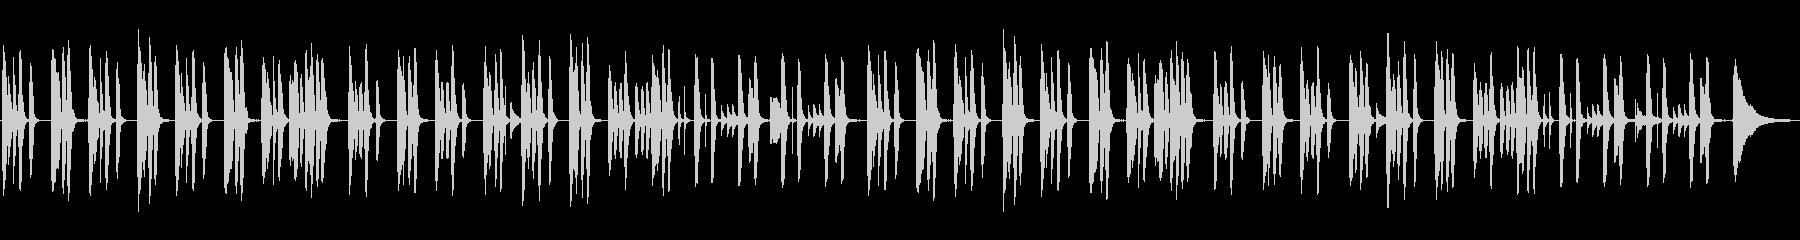 ほっこり・ほんわか・ピアノとフルートの未再生の波形